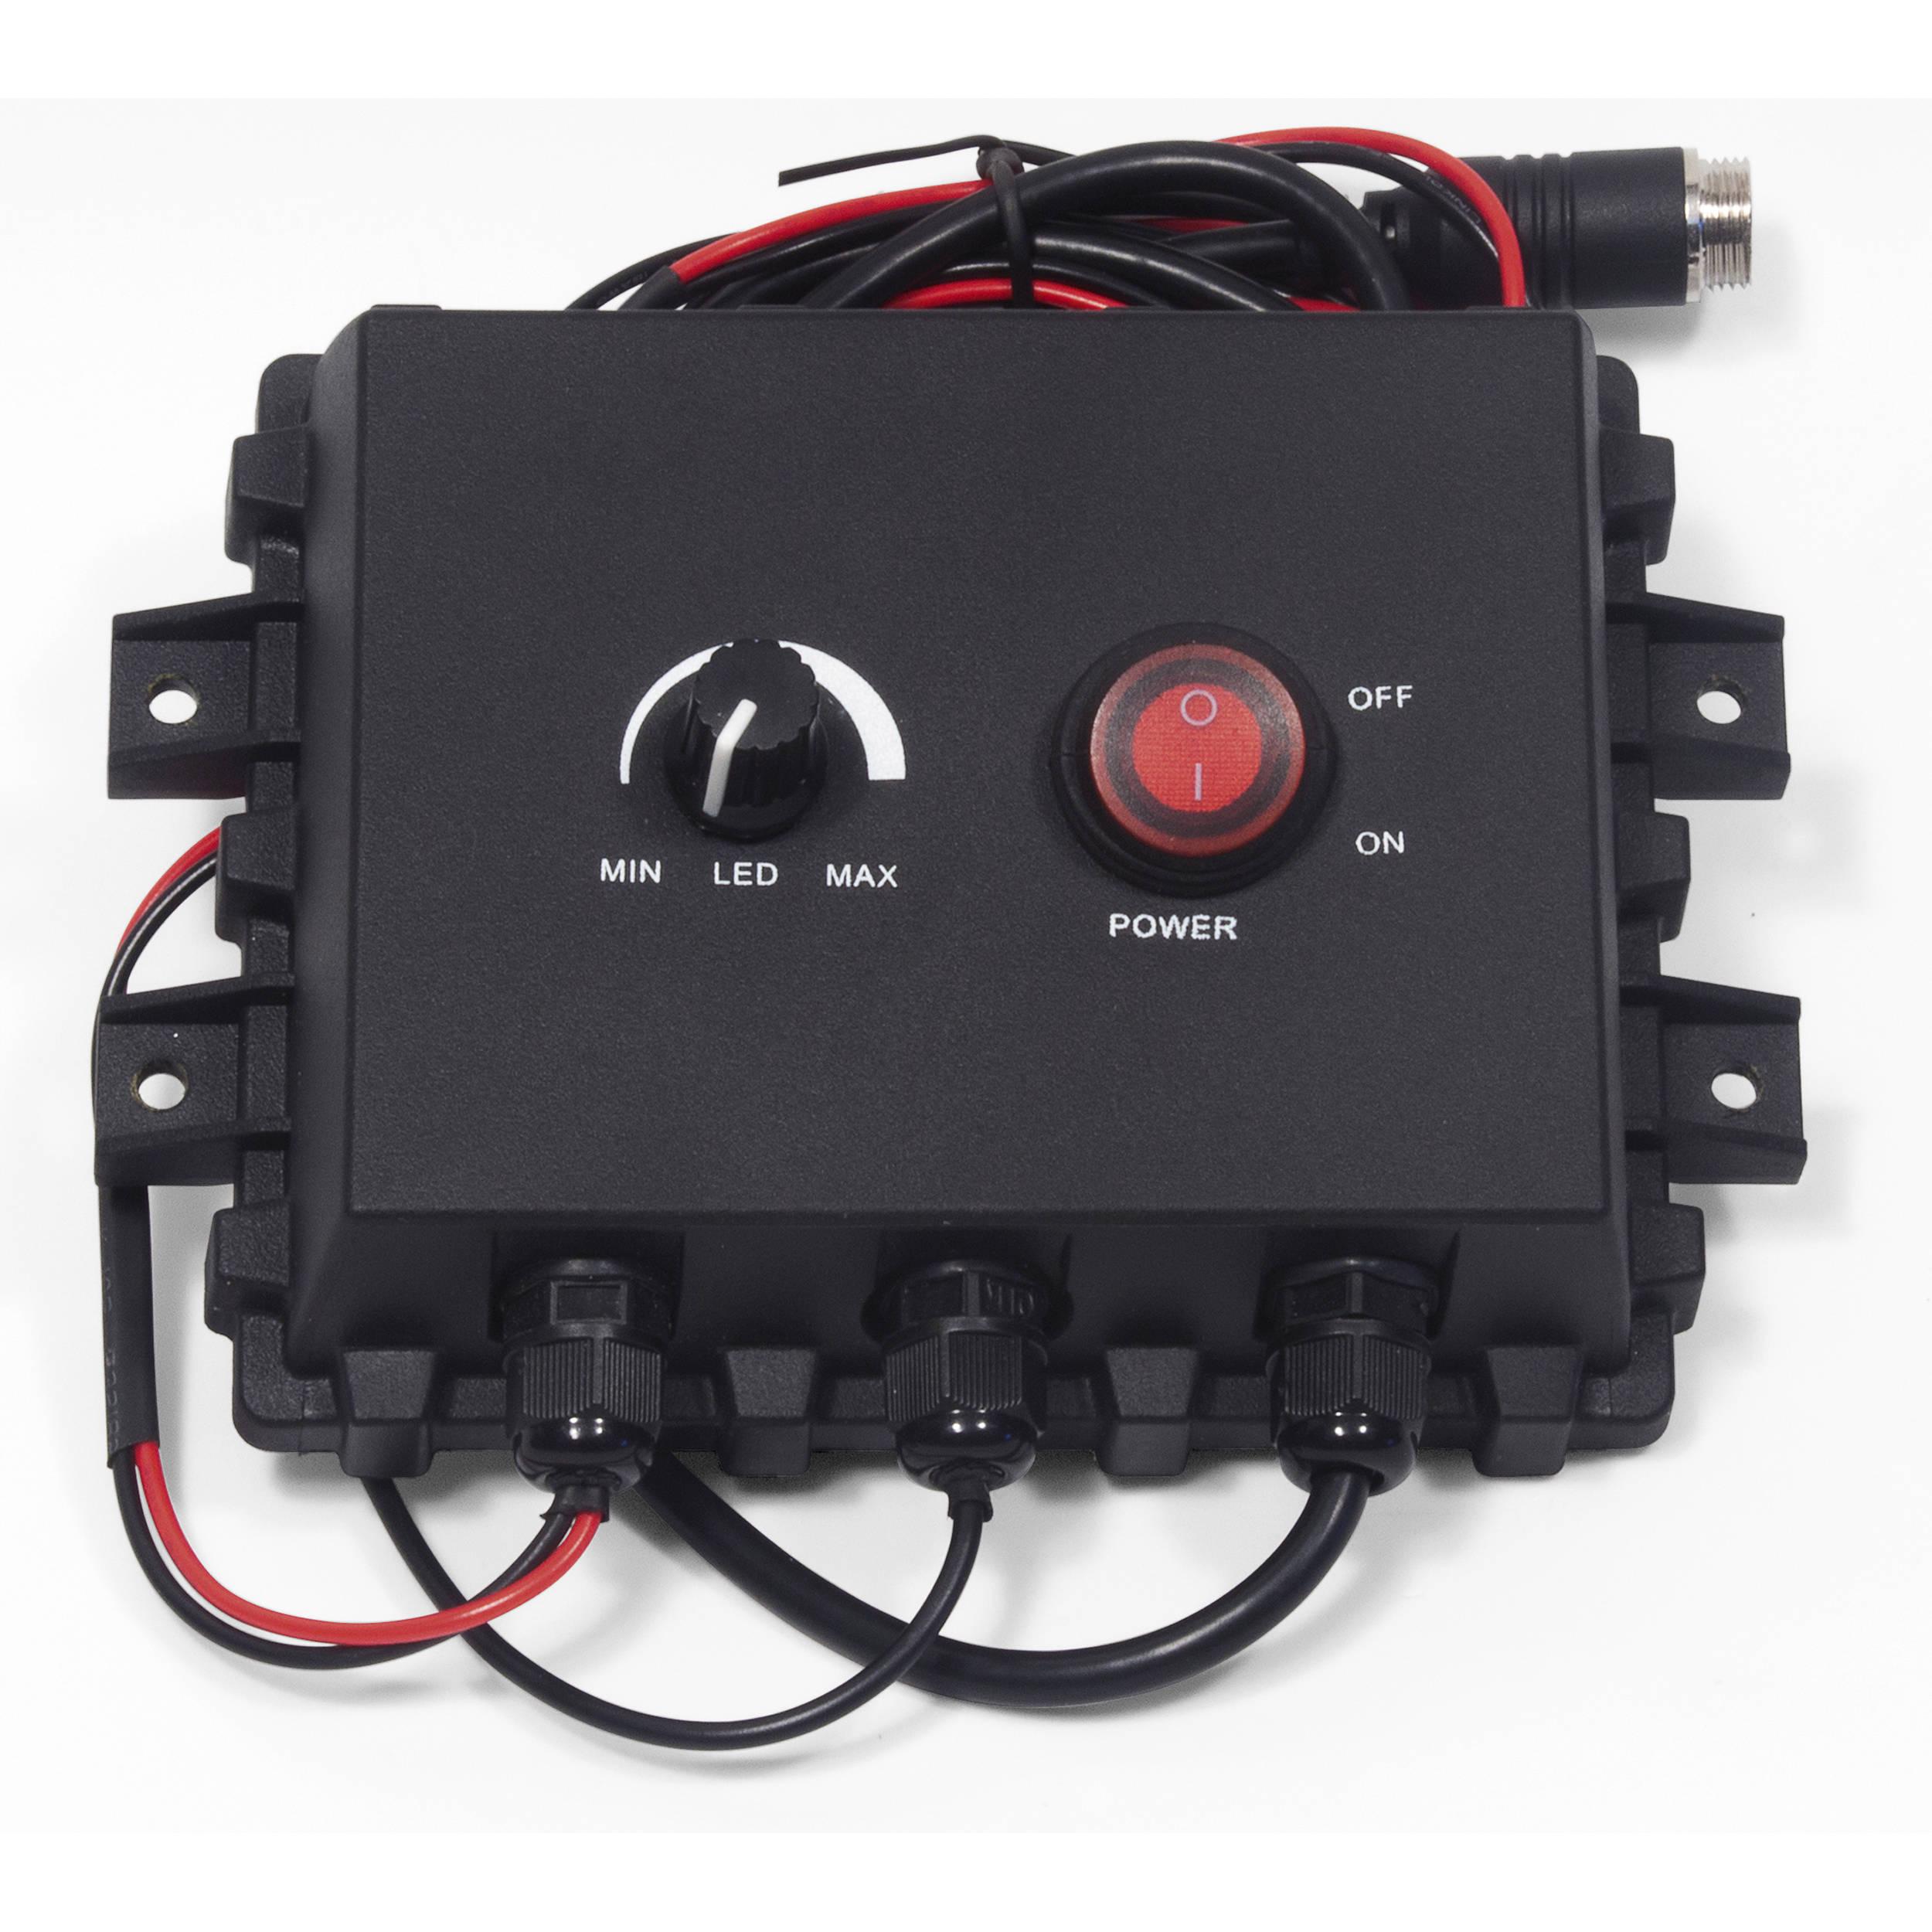 Aqua-Vu AV Multi-Vu Underwater Camera System